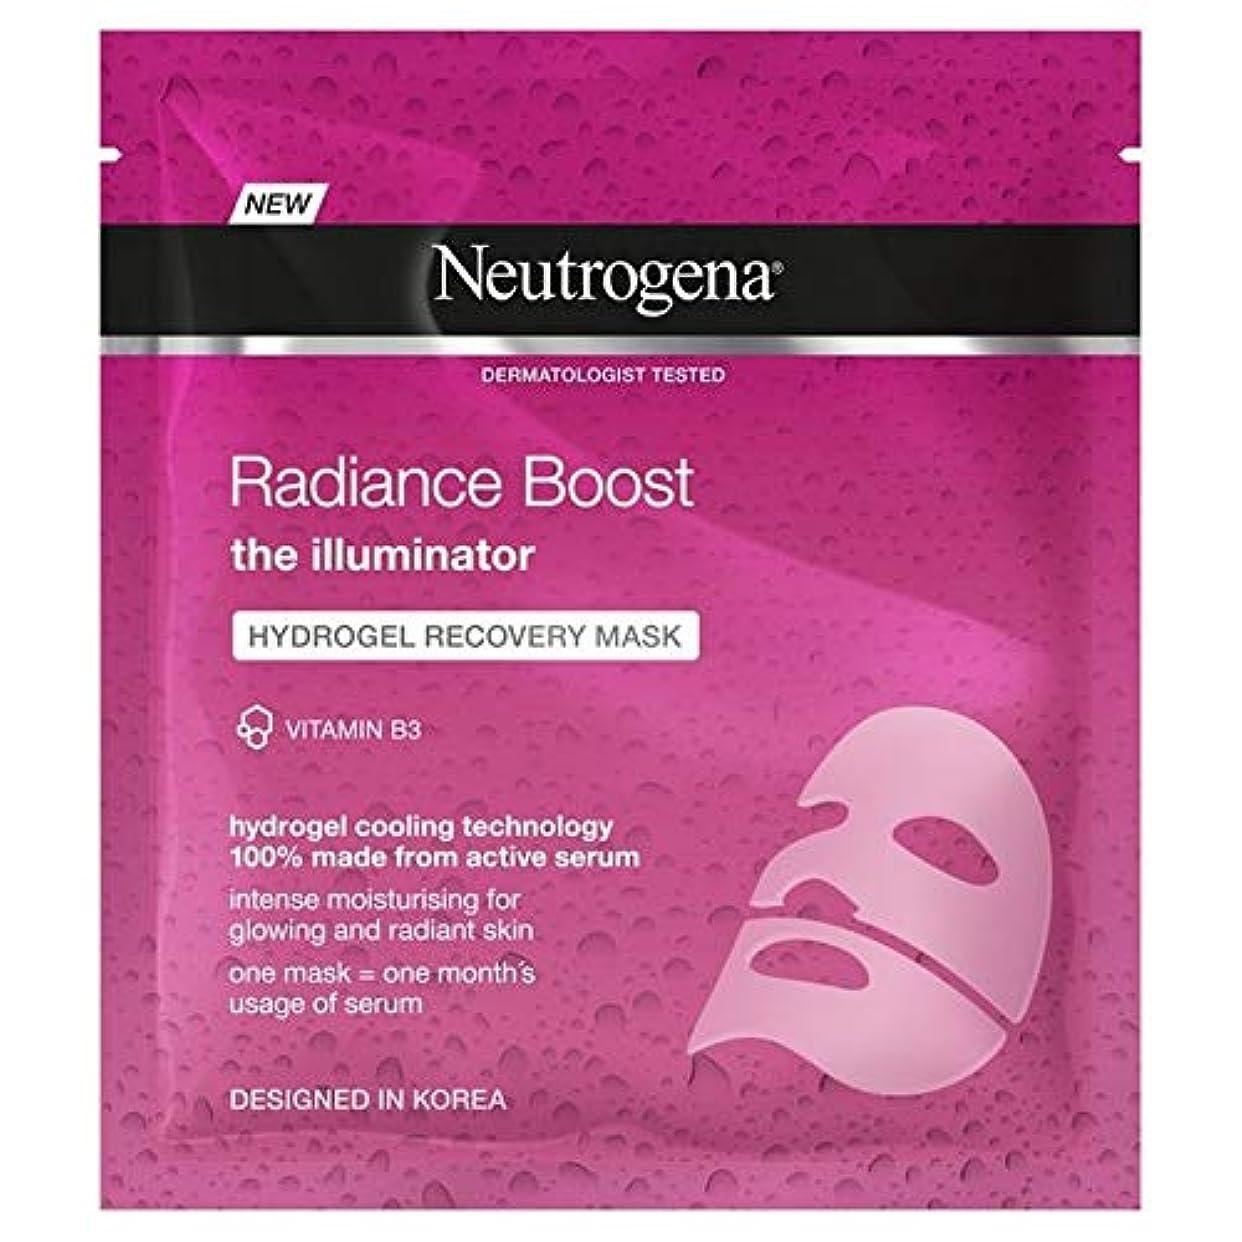 ディーラートランジスタ支出[Neutrogena] ニュートロジーナ放射輝度ブーストハイドロゲルマスク30ミリリットル - Neutrogena Radiance Boost Hydrogel Mask 30ml [並行輸入品]